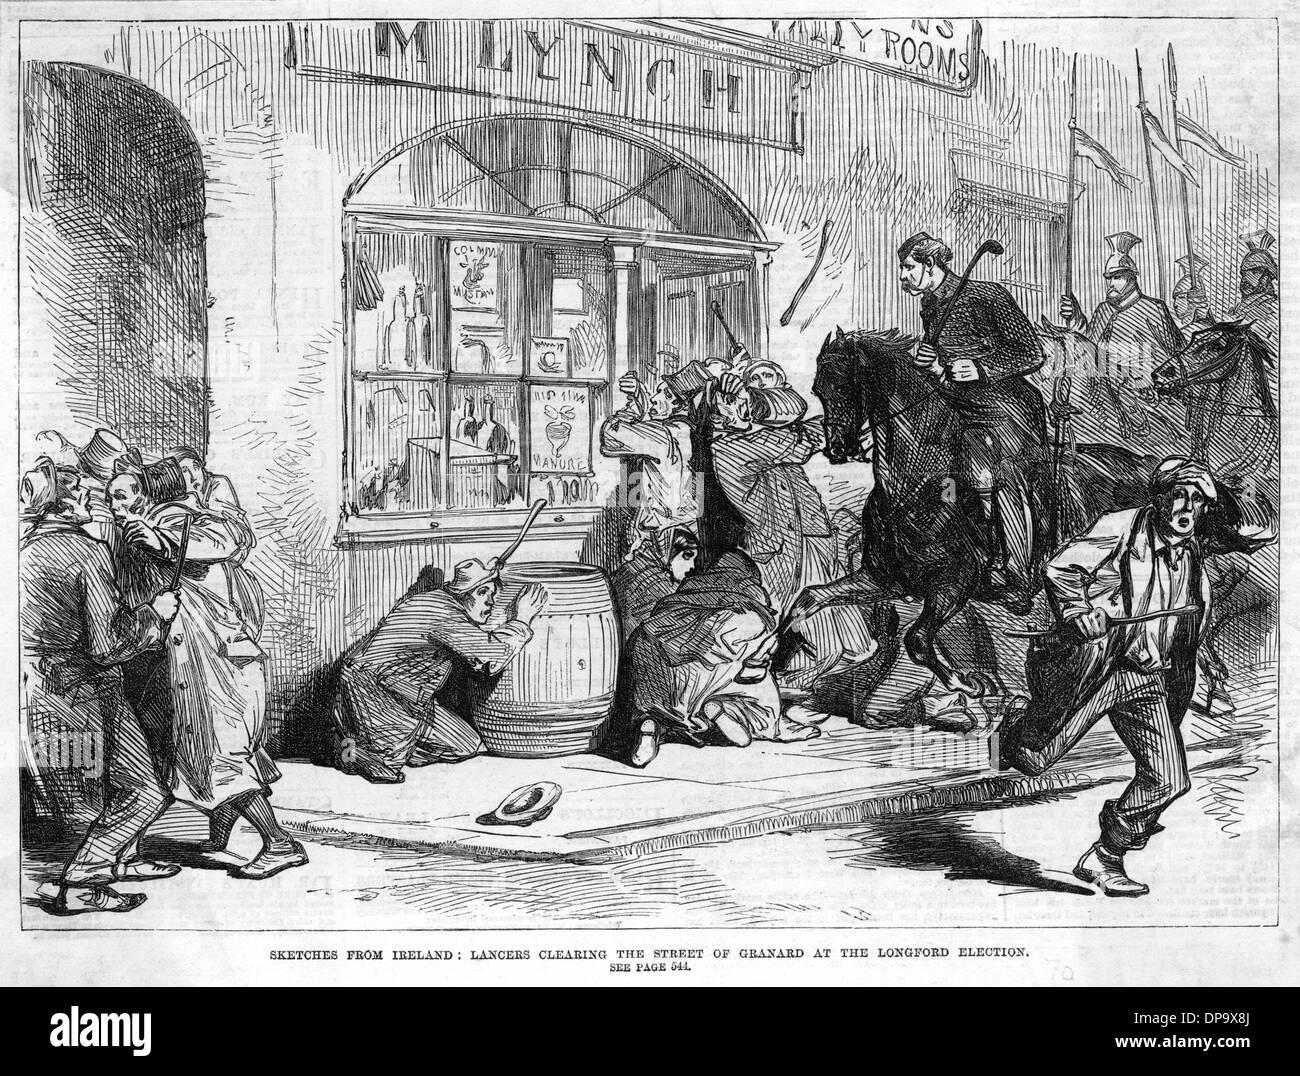 IRELAND/LANCERS/1870 - Stock Image